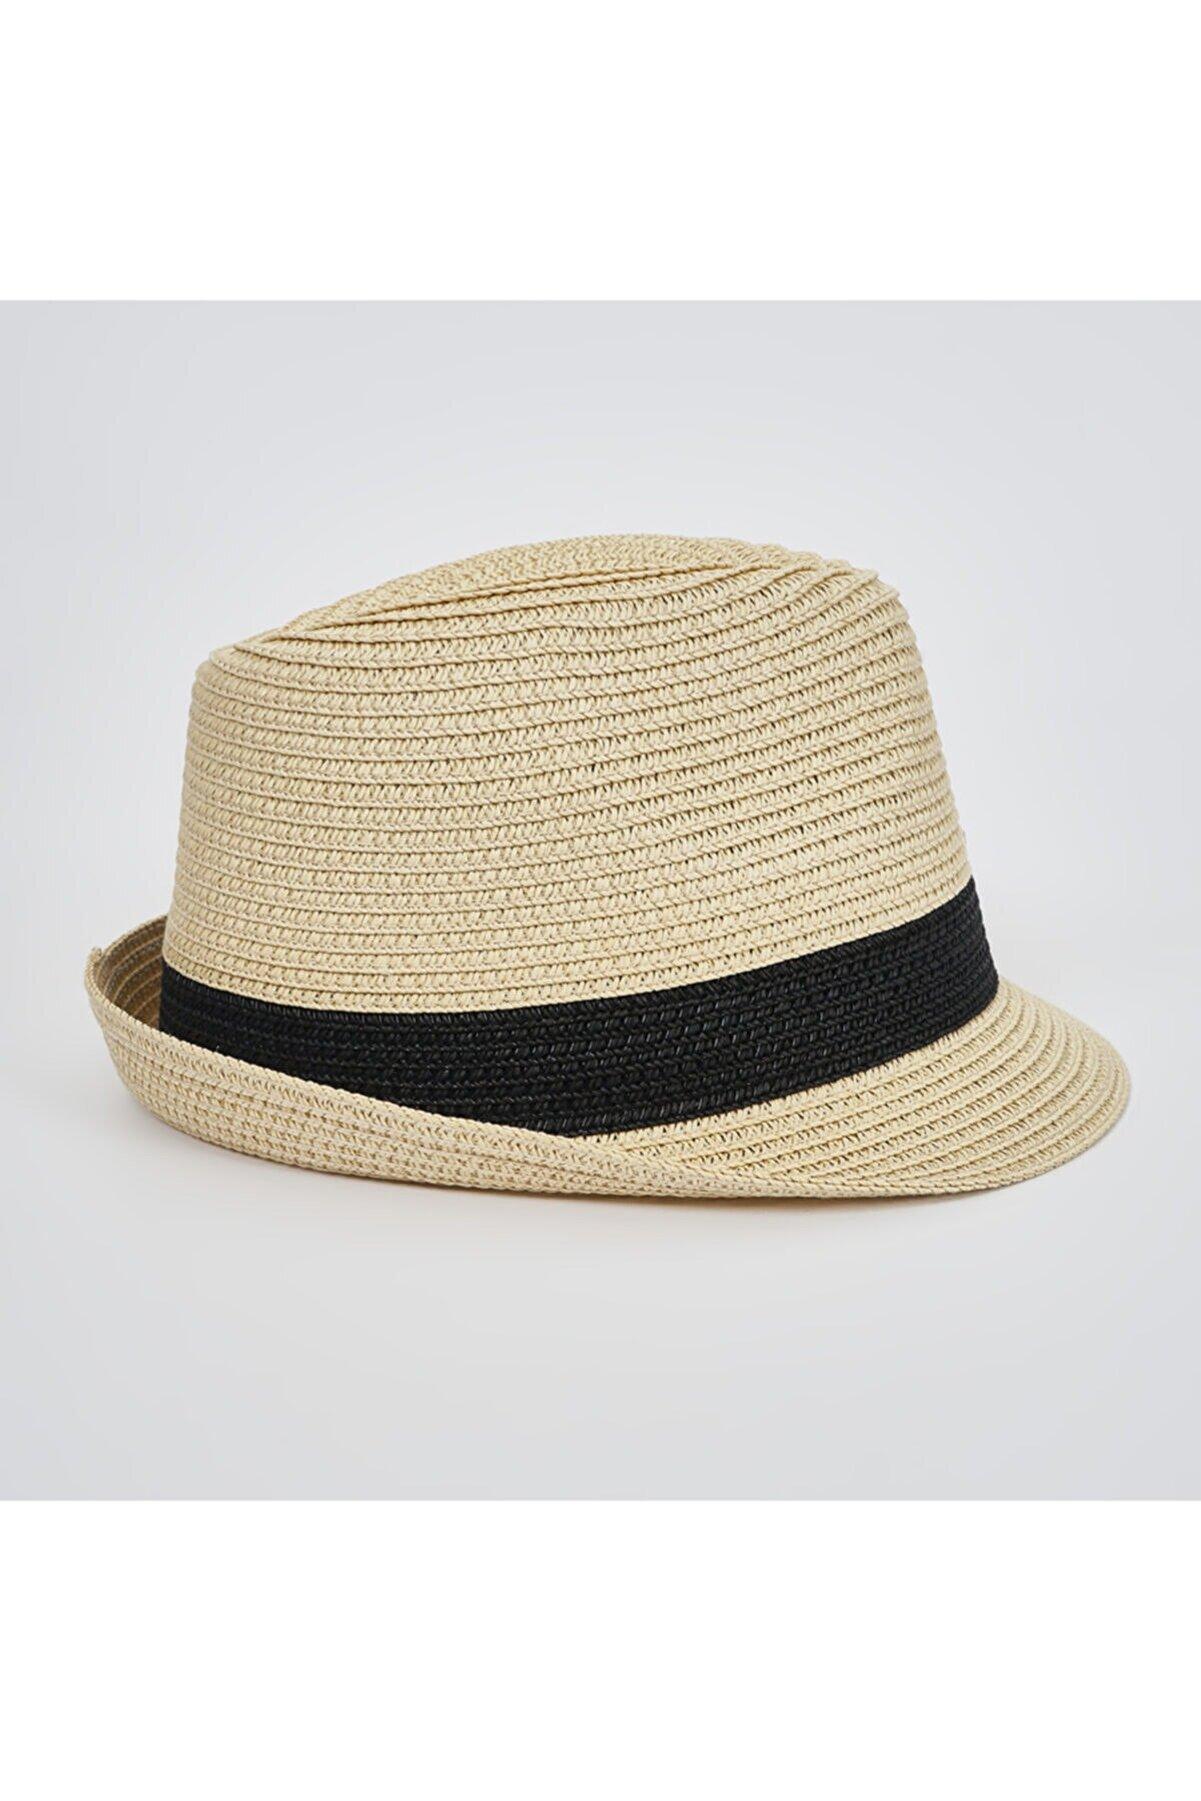 Panço Erkek Çocuk Hasır Şapka 2012bk19008